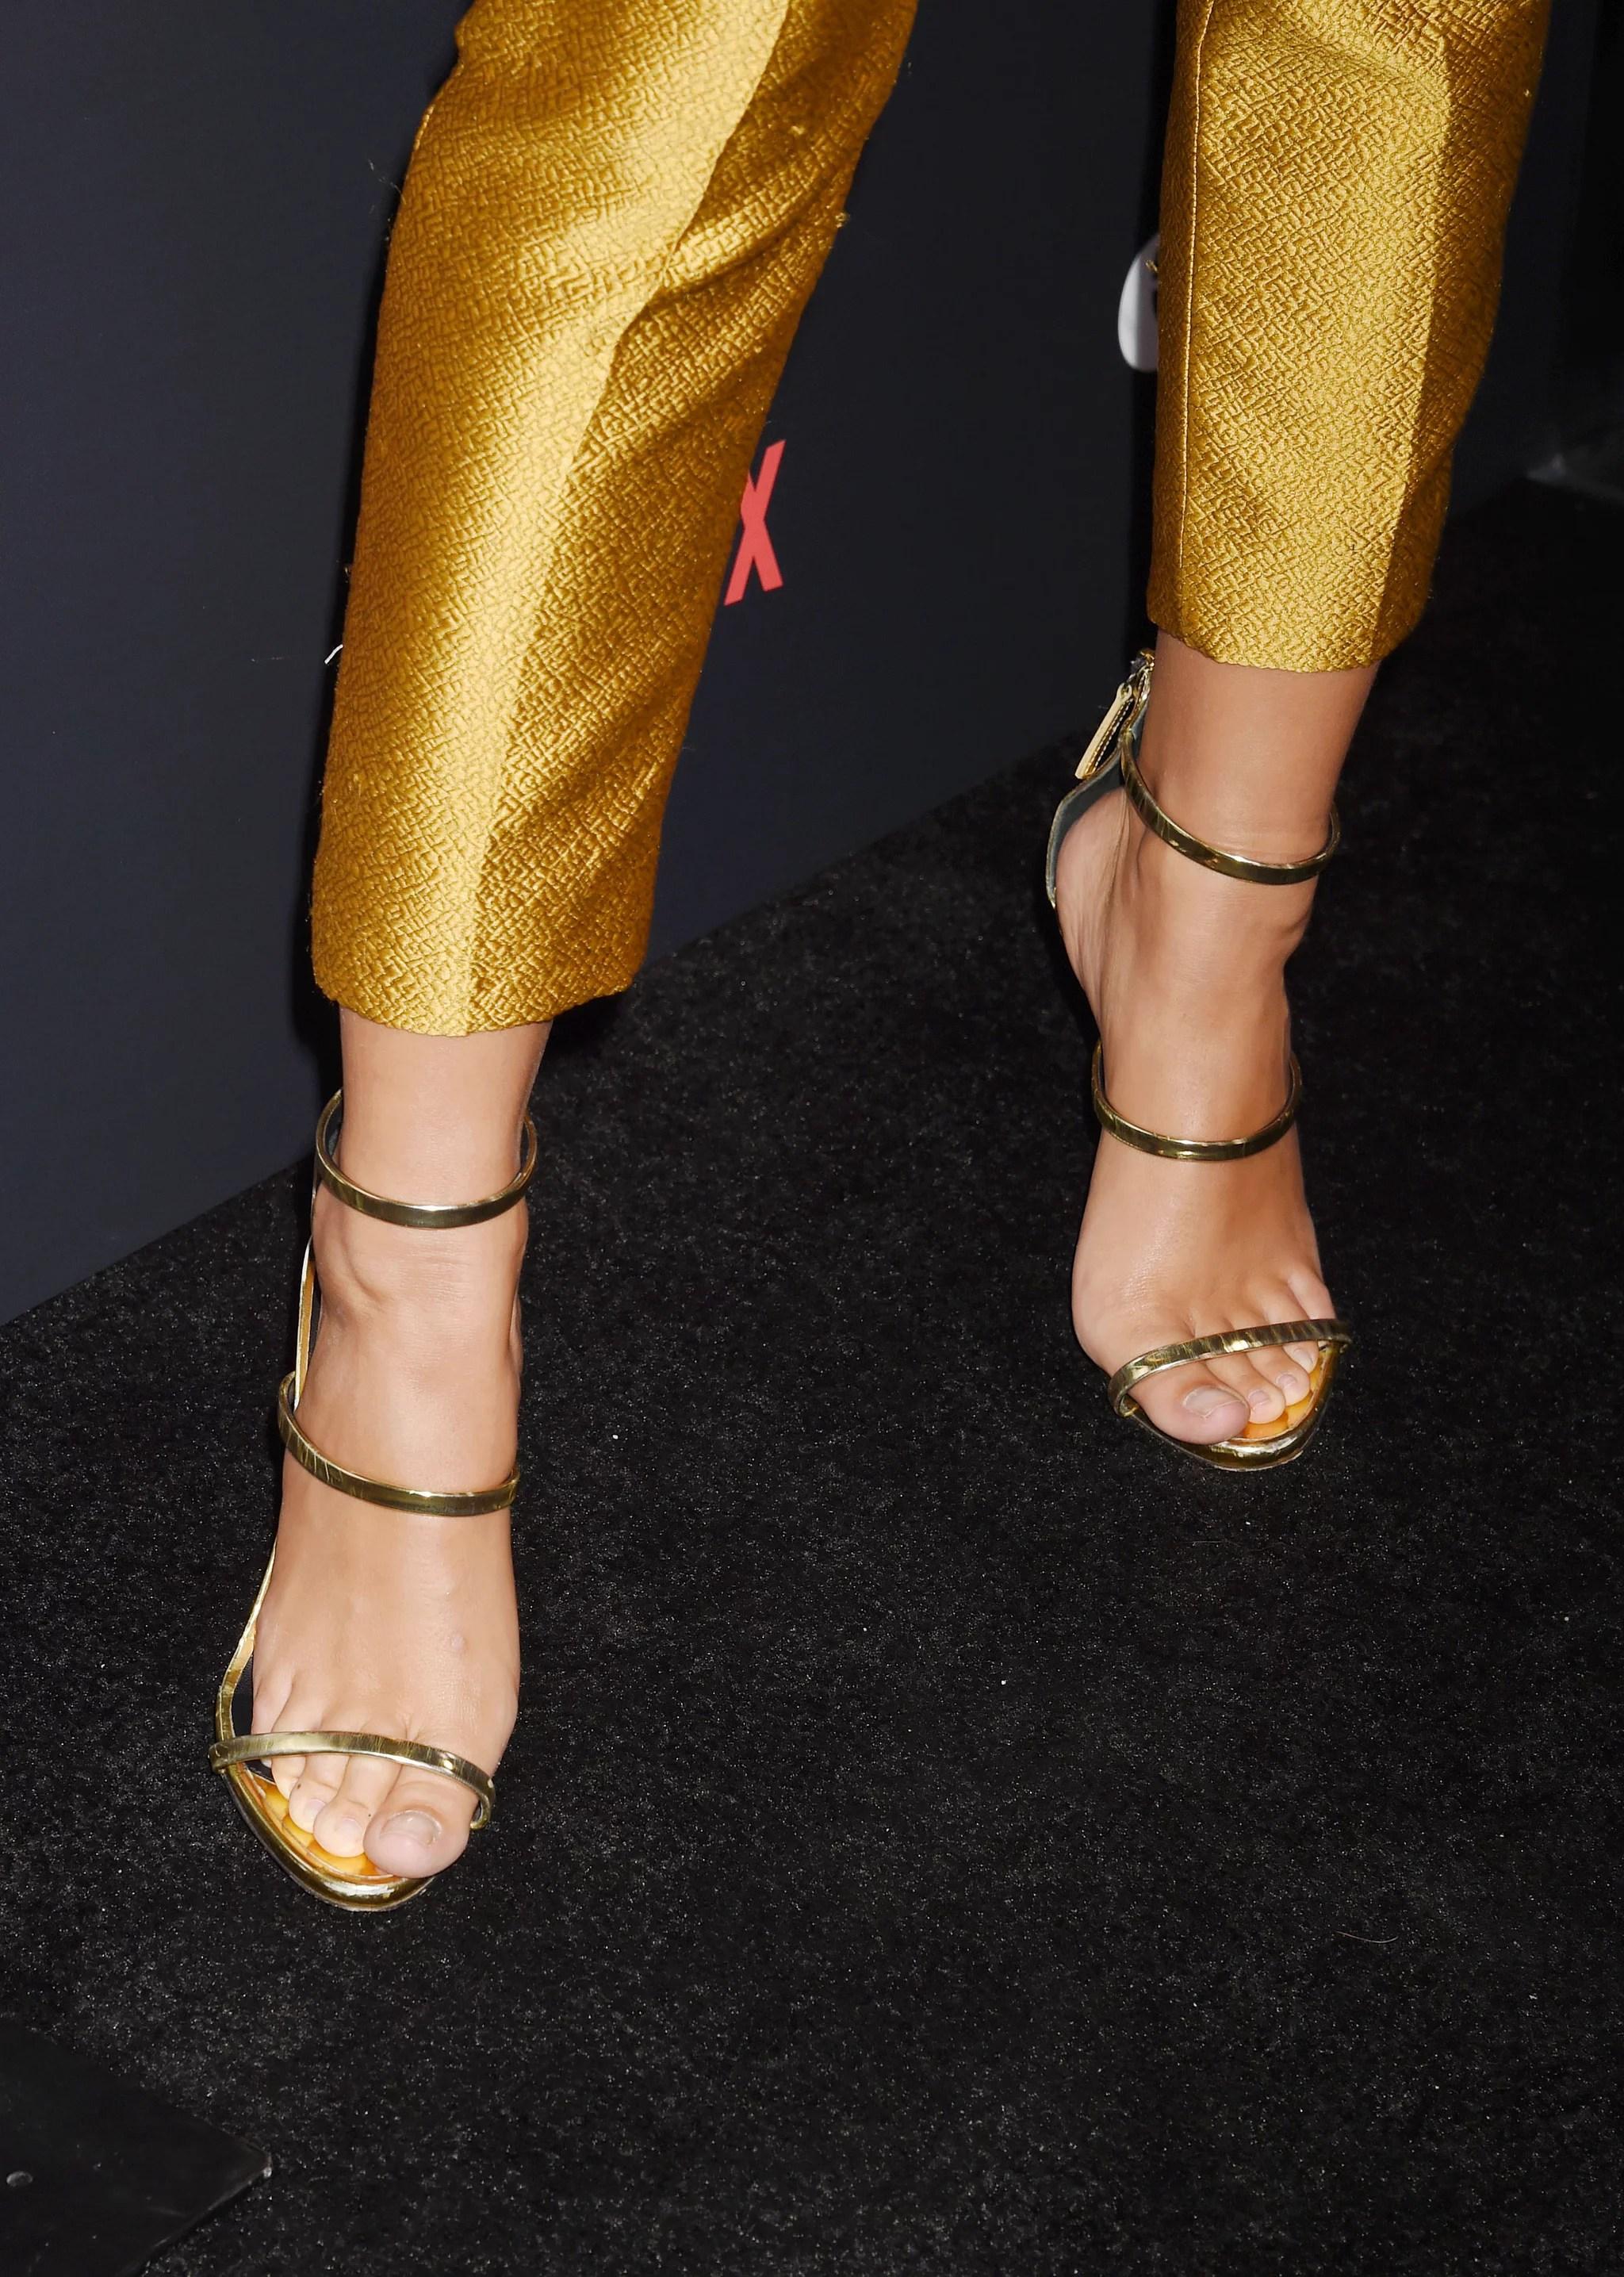 emily ratajkowski s sexy shoes